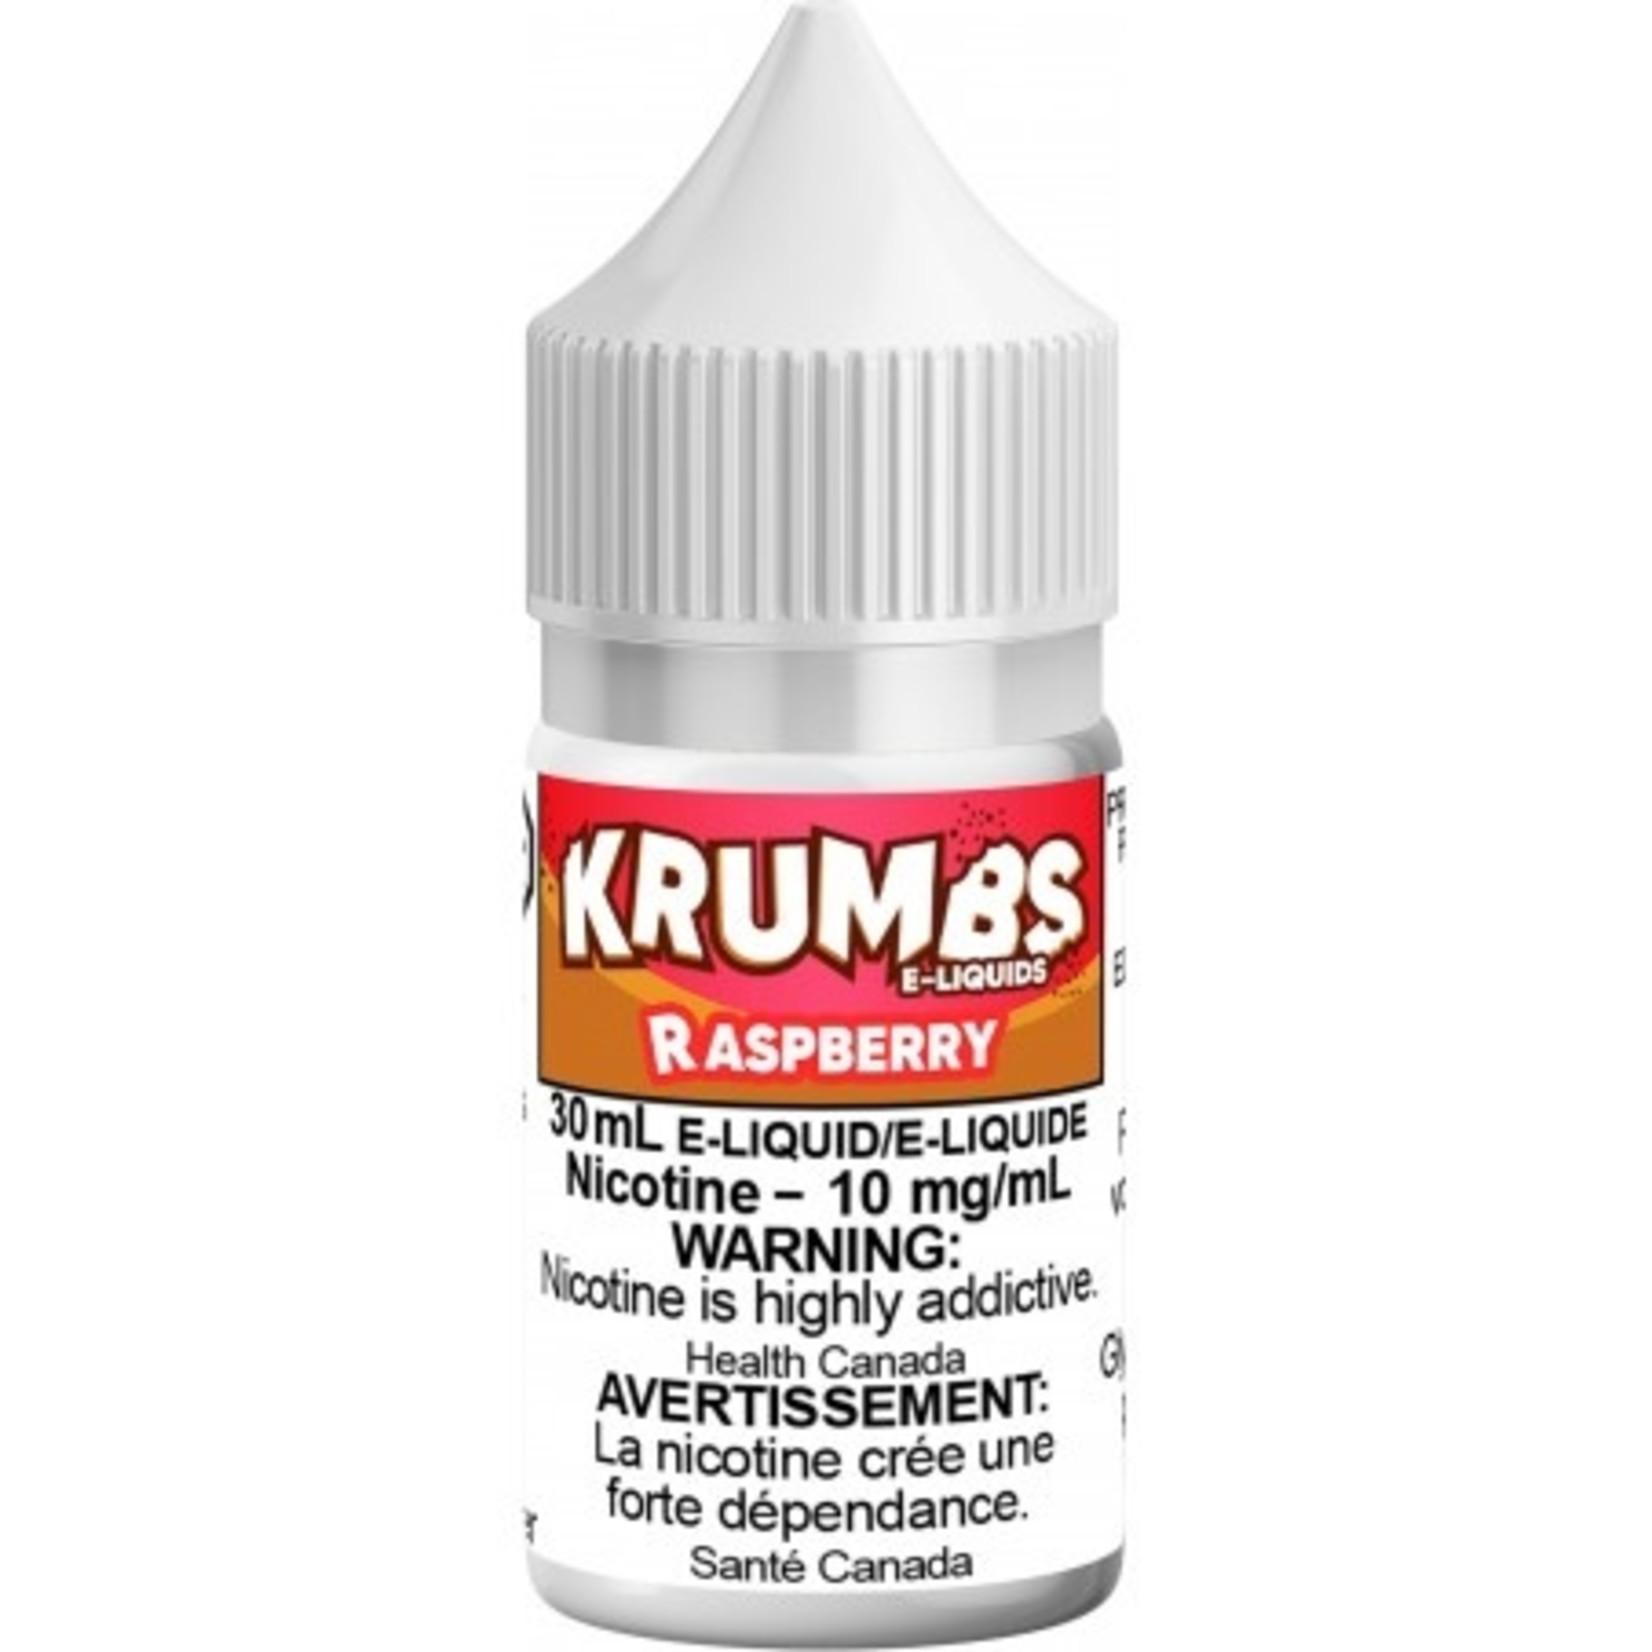 Krumbs Raspberry Salt